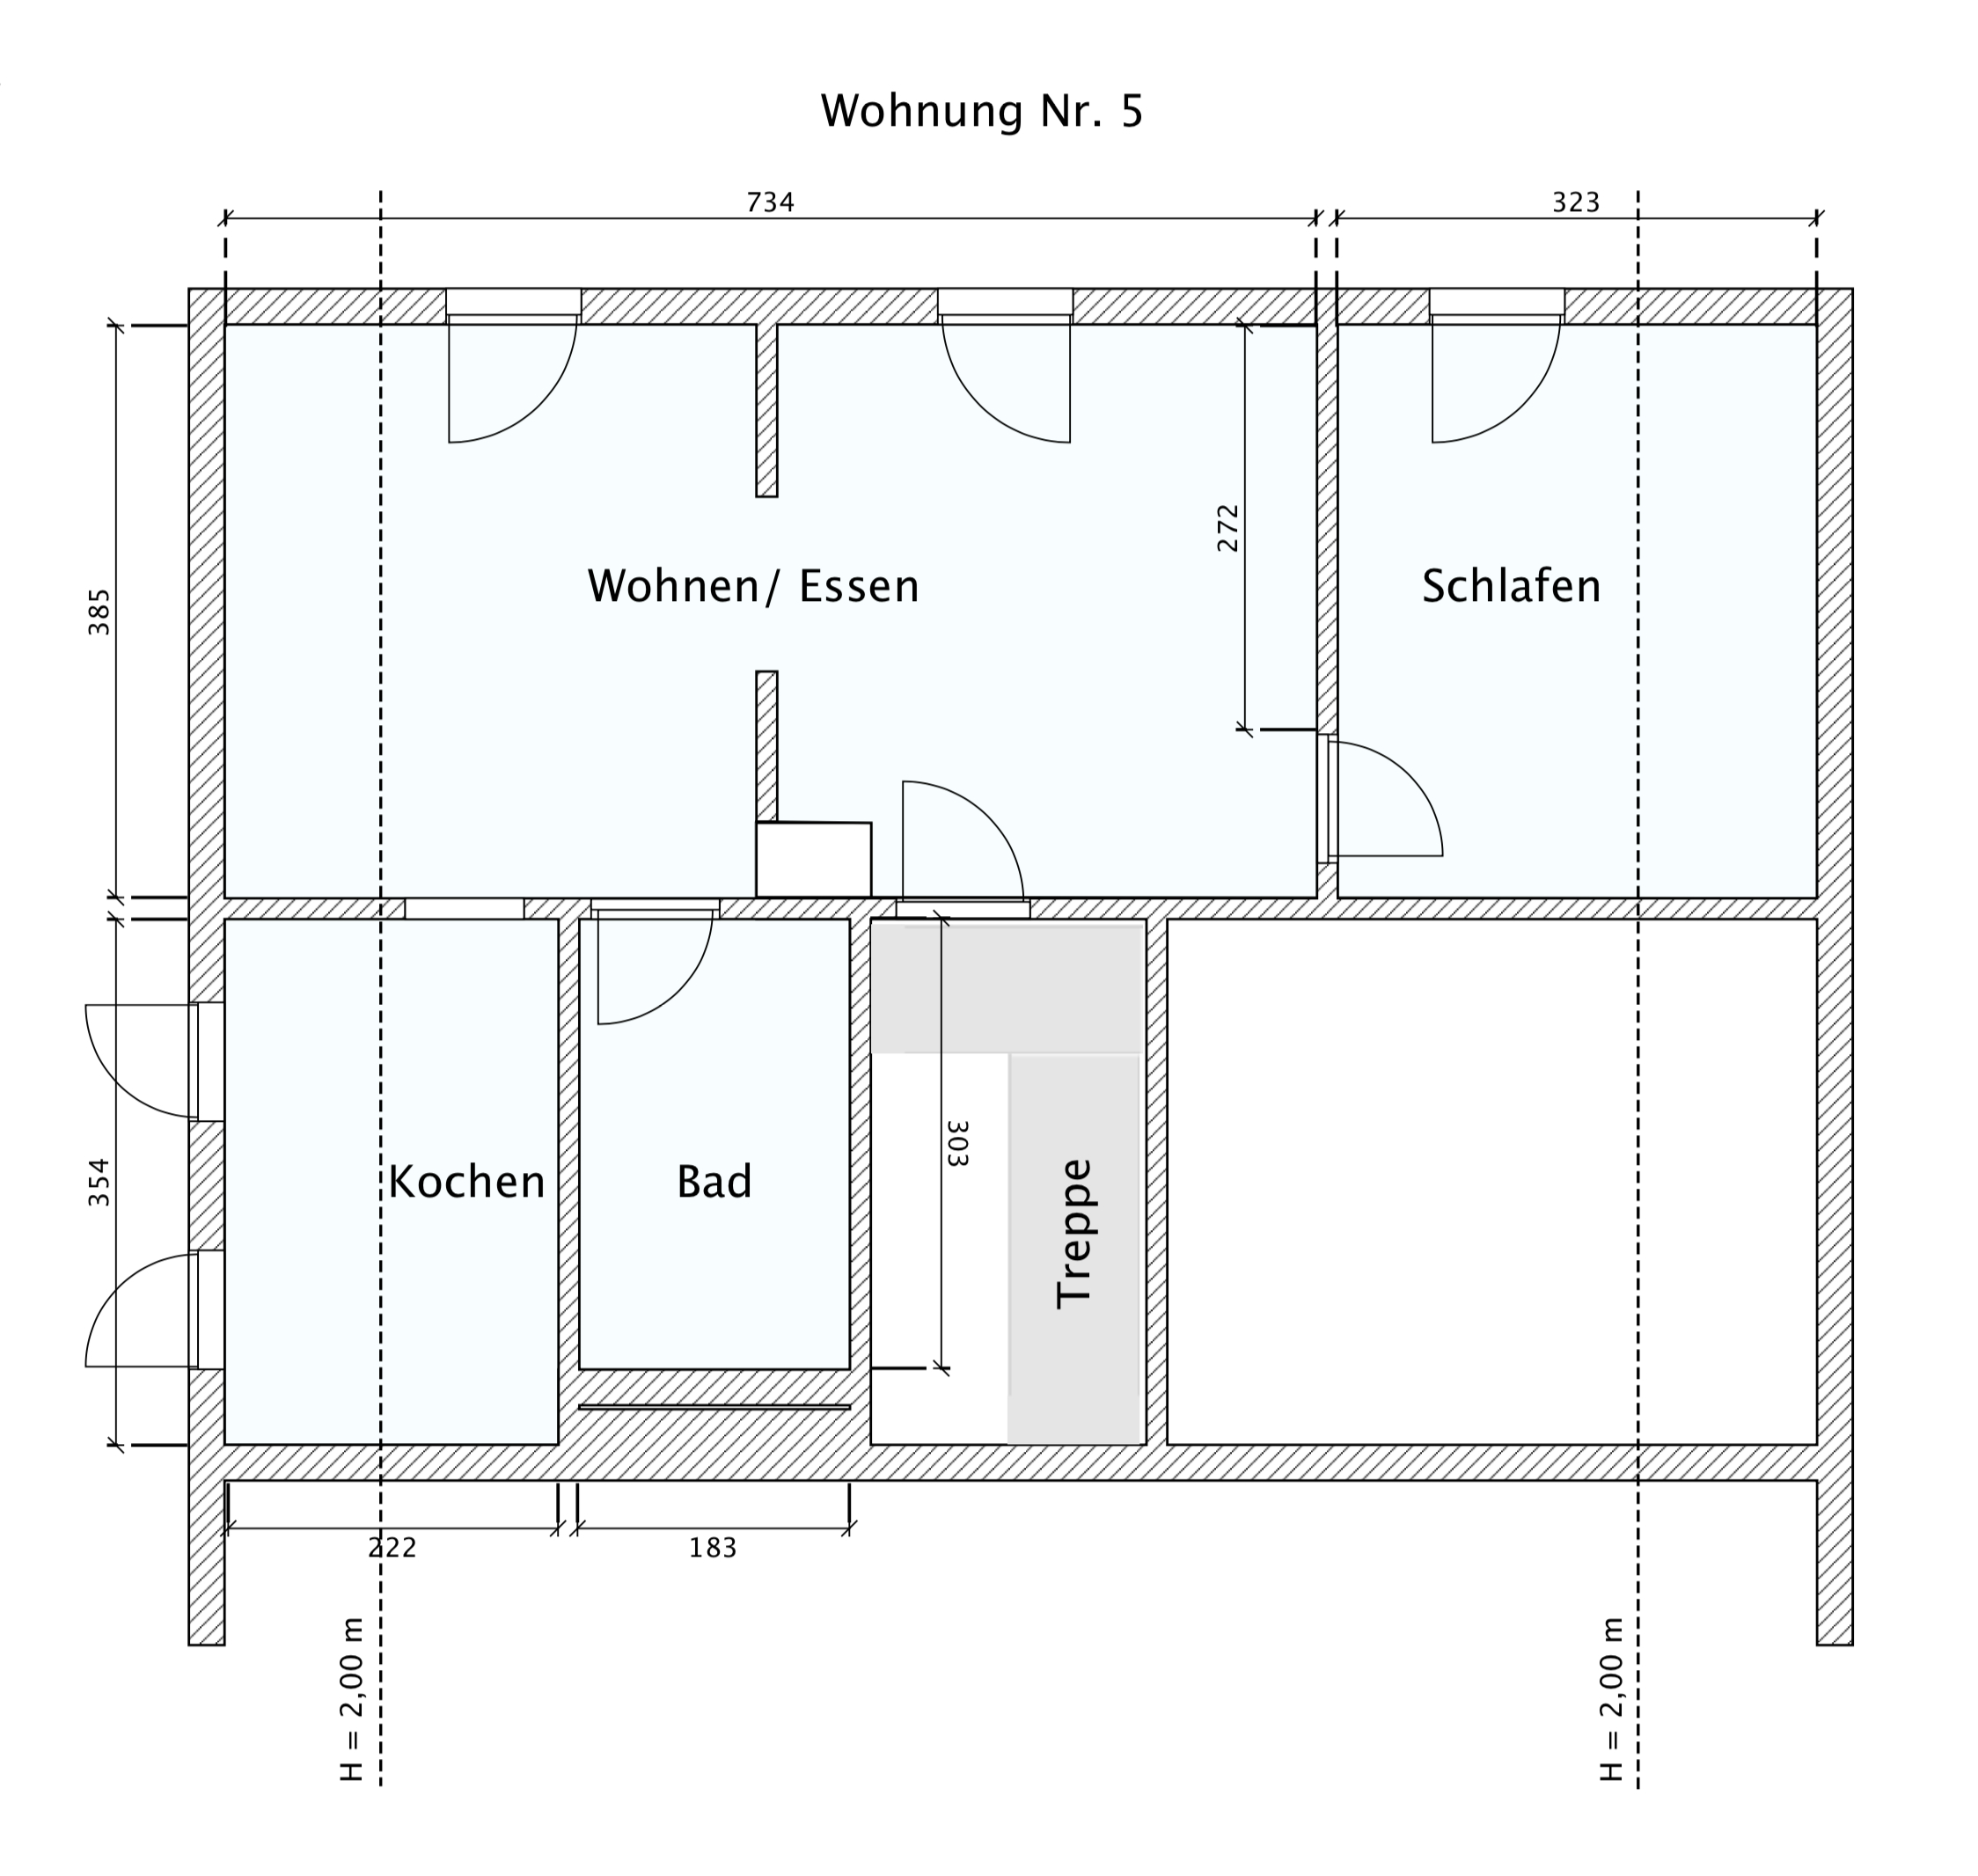 Grundriss Wohnung Nr. 5